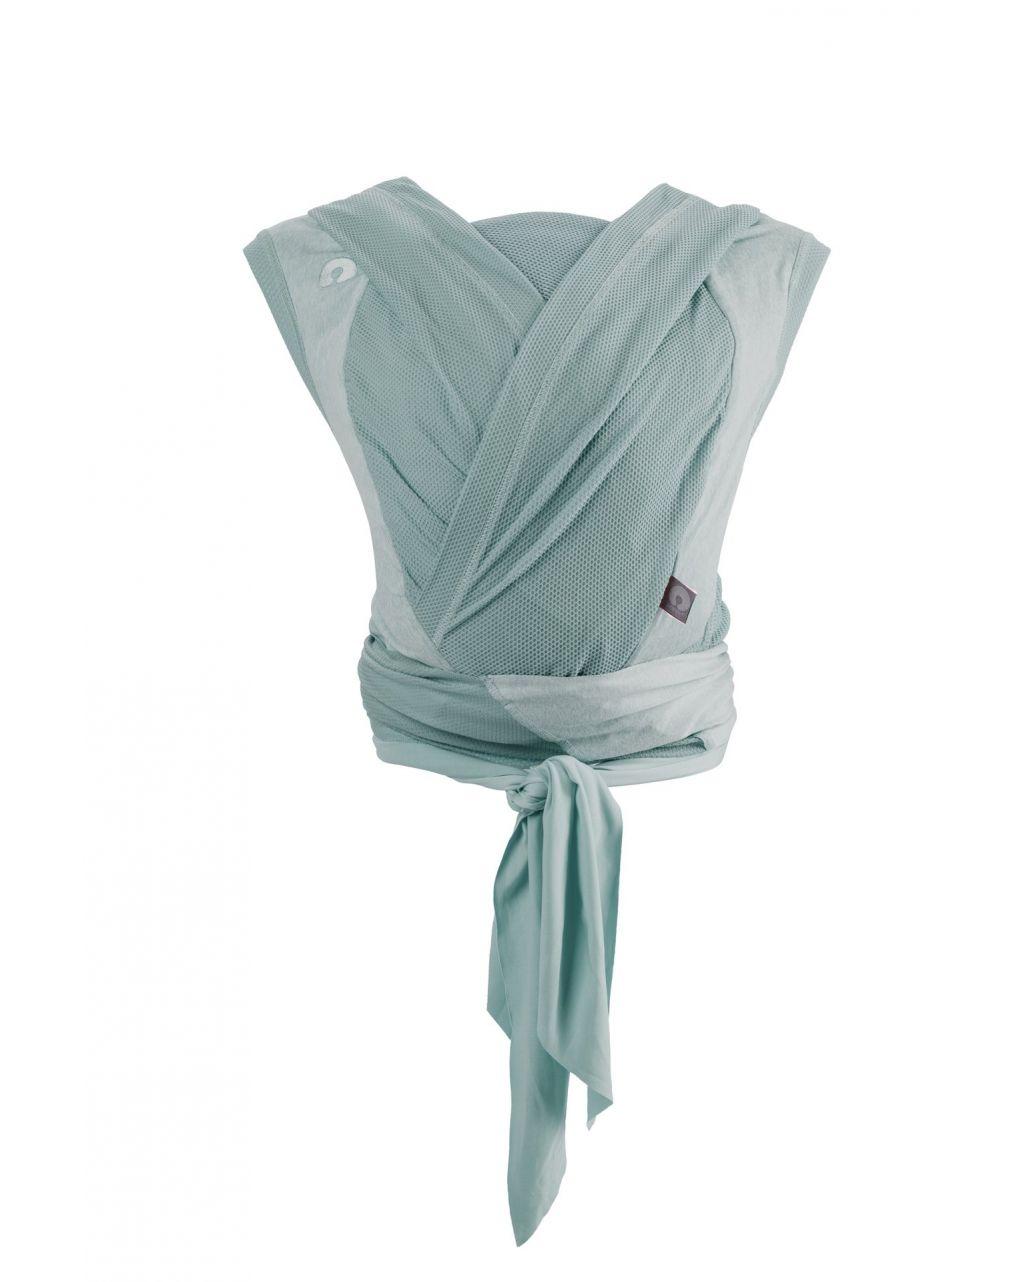 Comfyhug silver green - Boppy